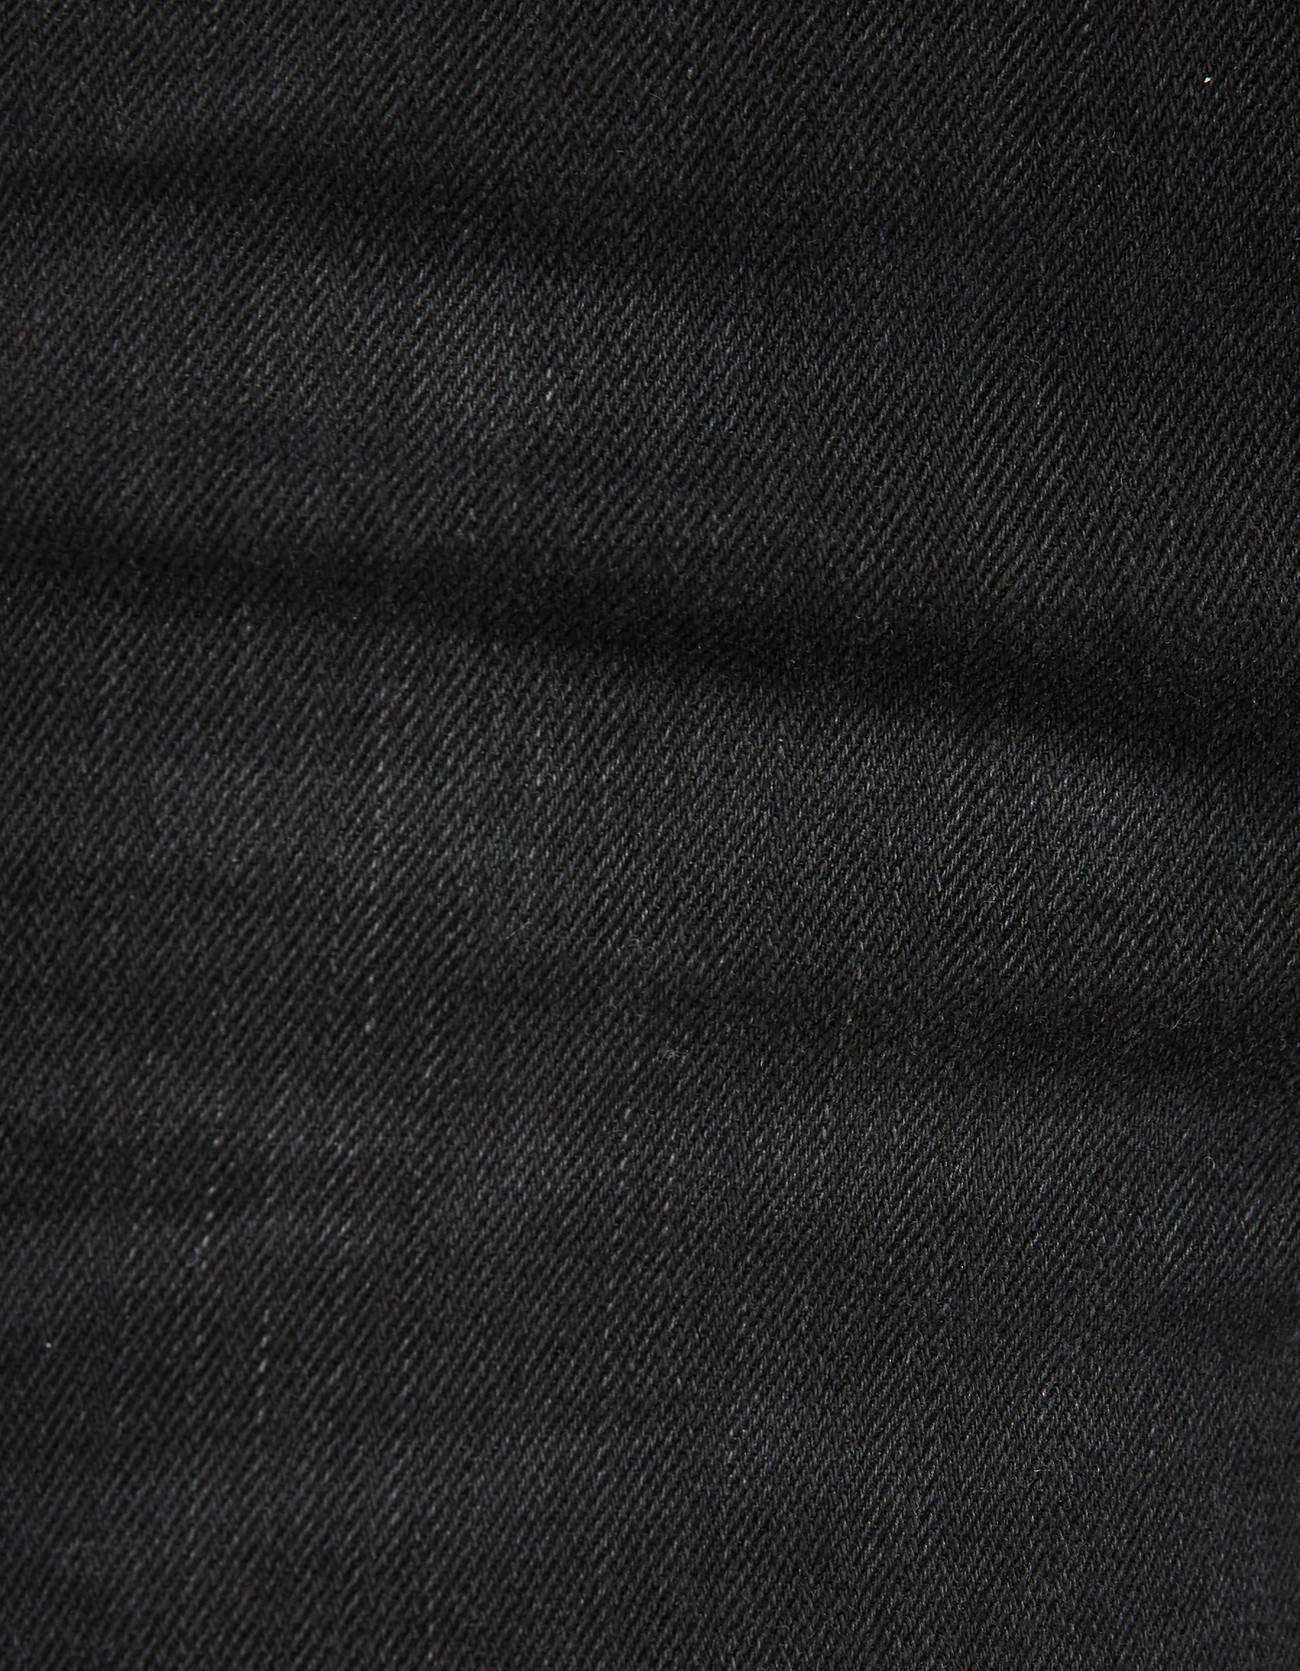 Джинсы skinny с низкой посадкой и разрезами Черный Bershka